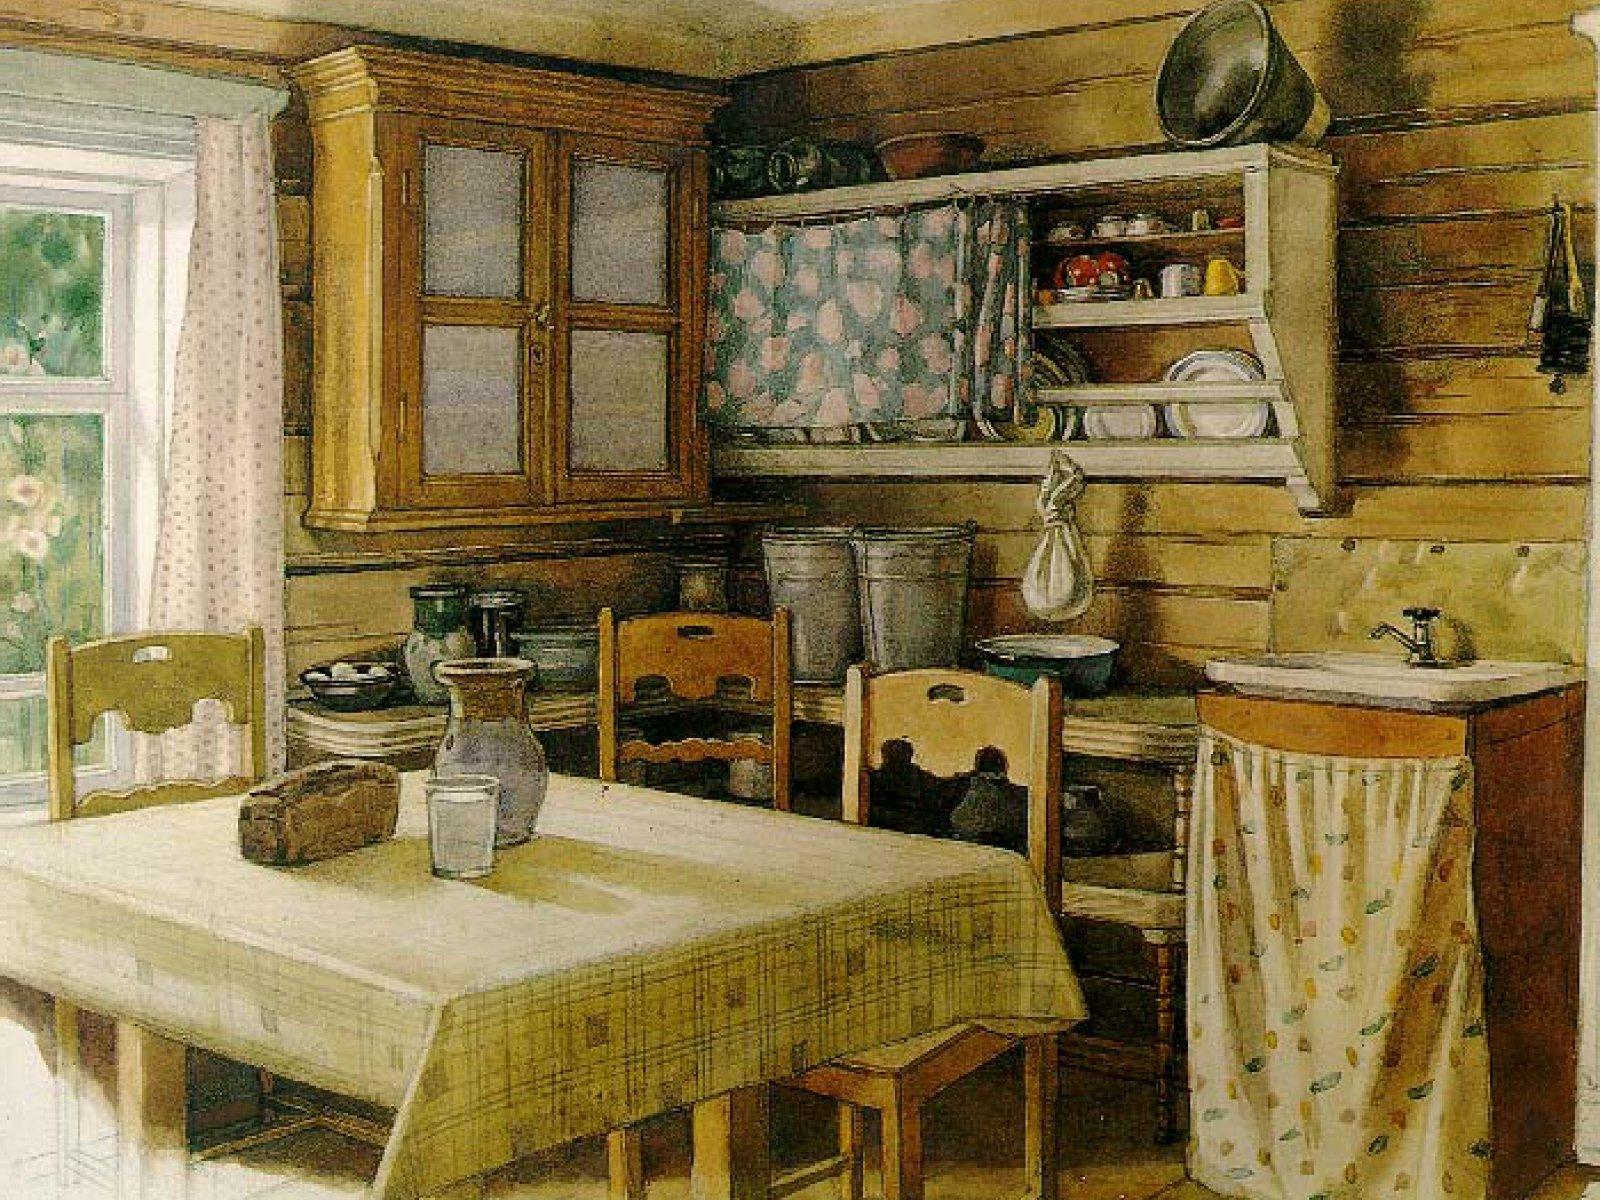 Сельский дом фото интерьер